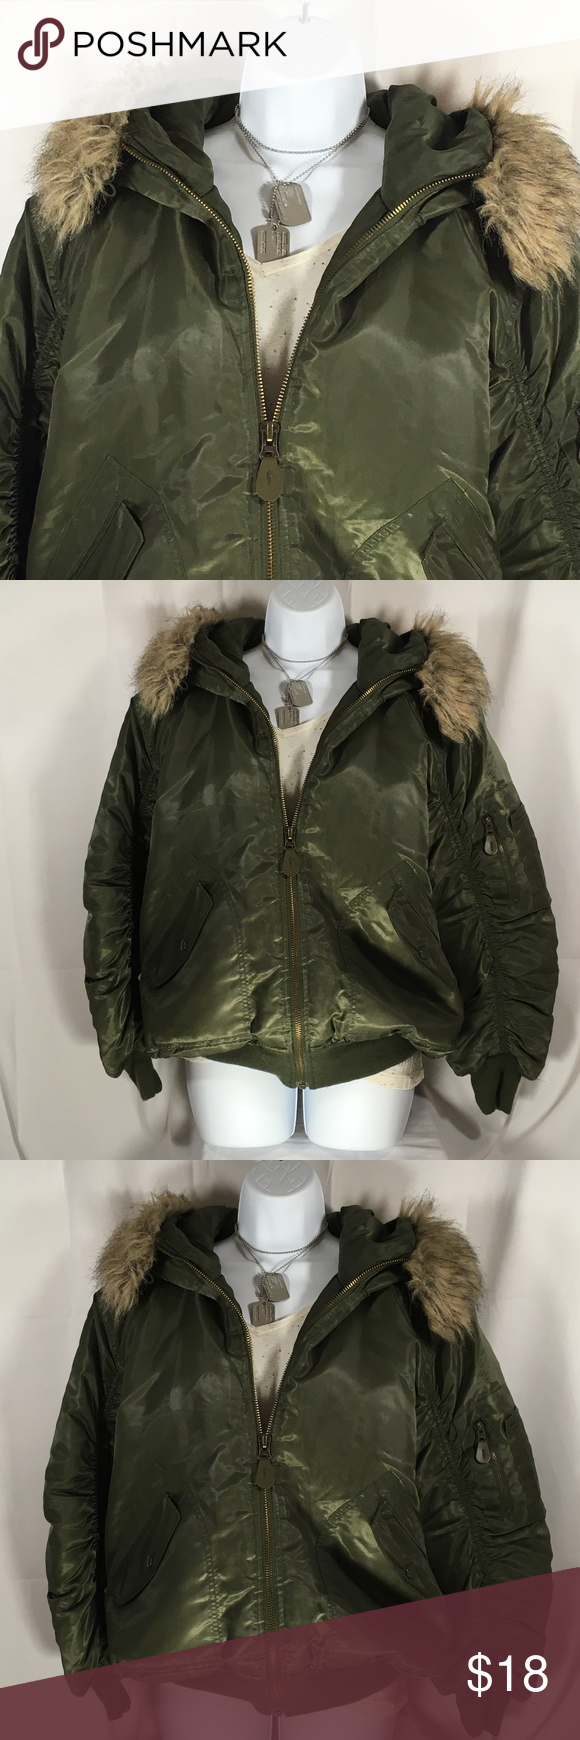 Green Puffer Jacket Sz 3xl Exc Green Puffer Jacket Puffer Jackets Jackets [ 1740 x 580 Pixel ]